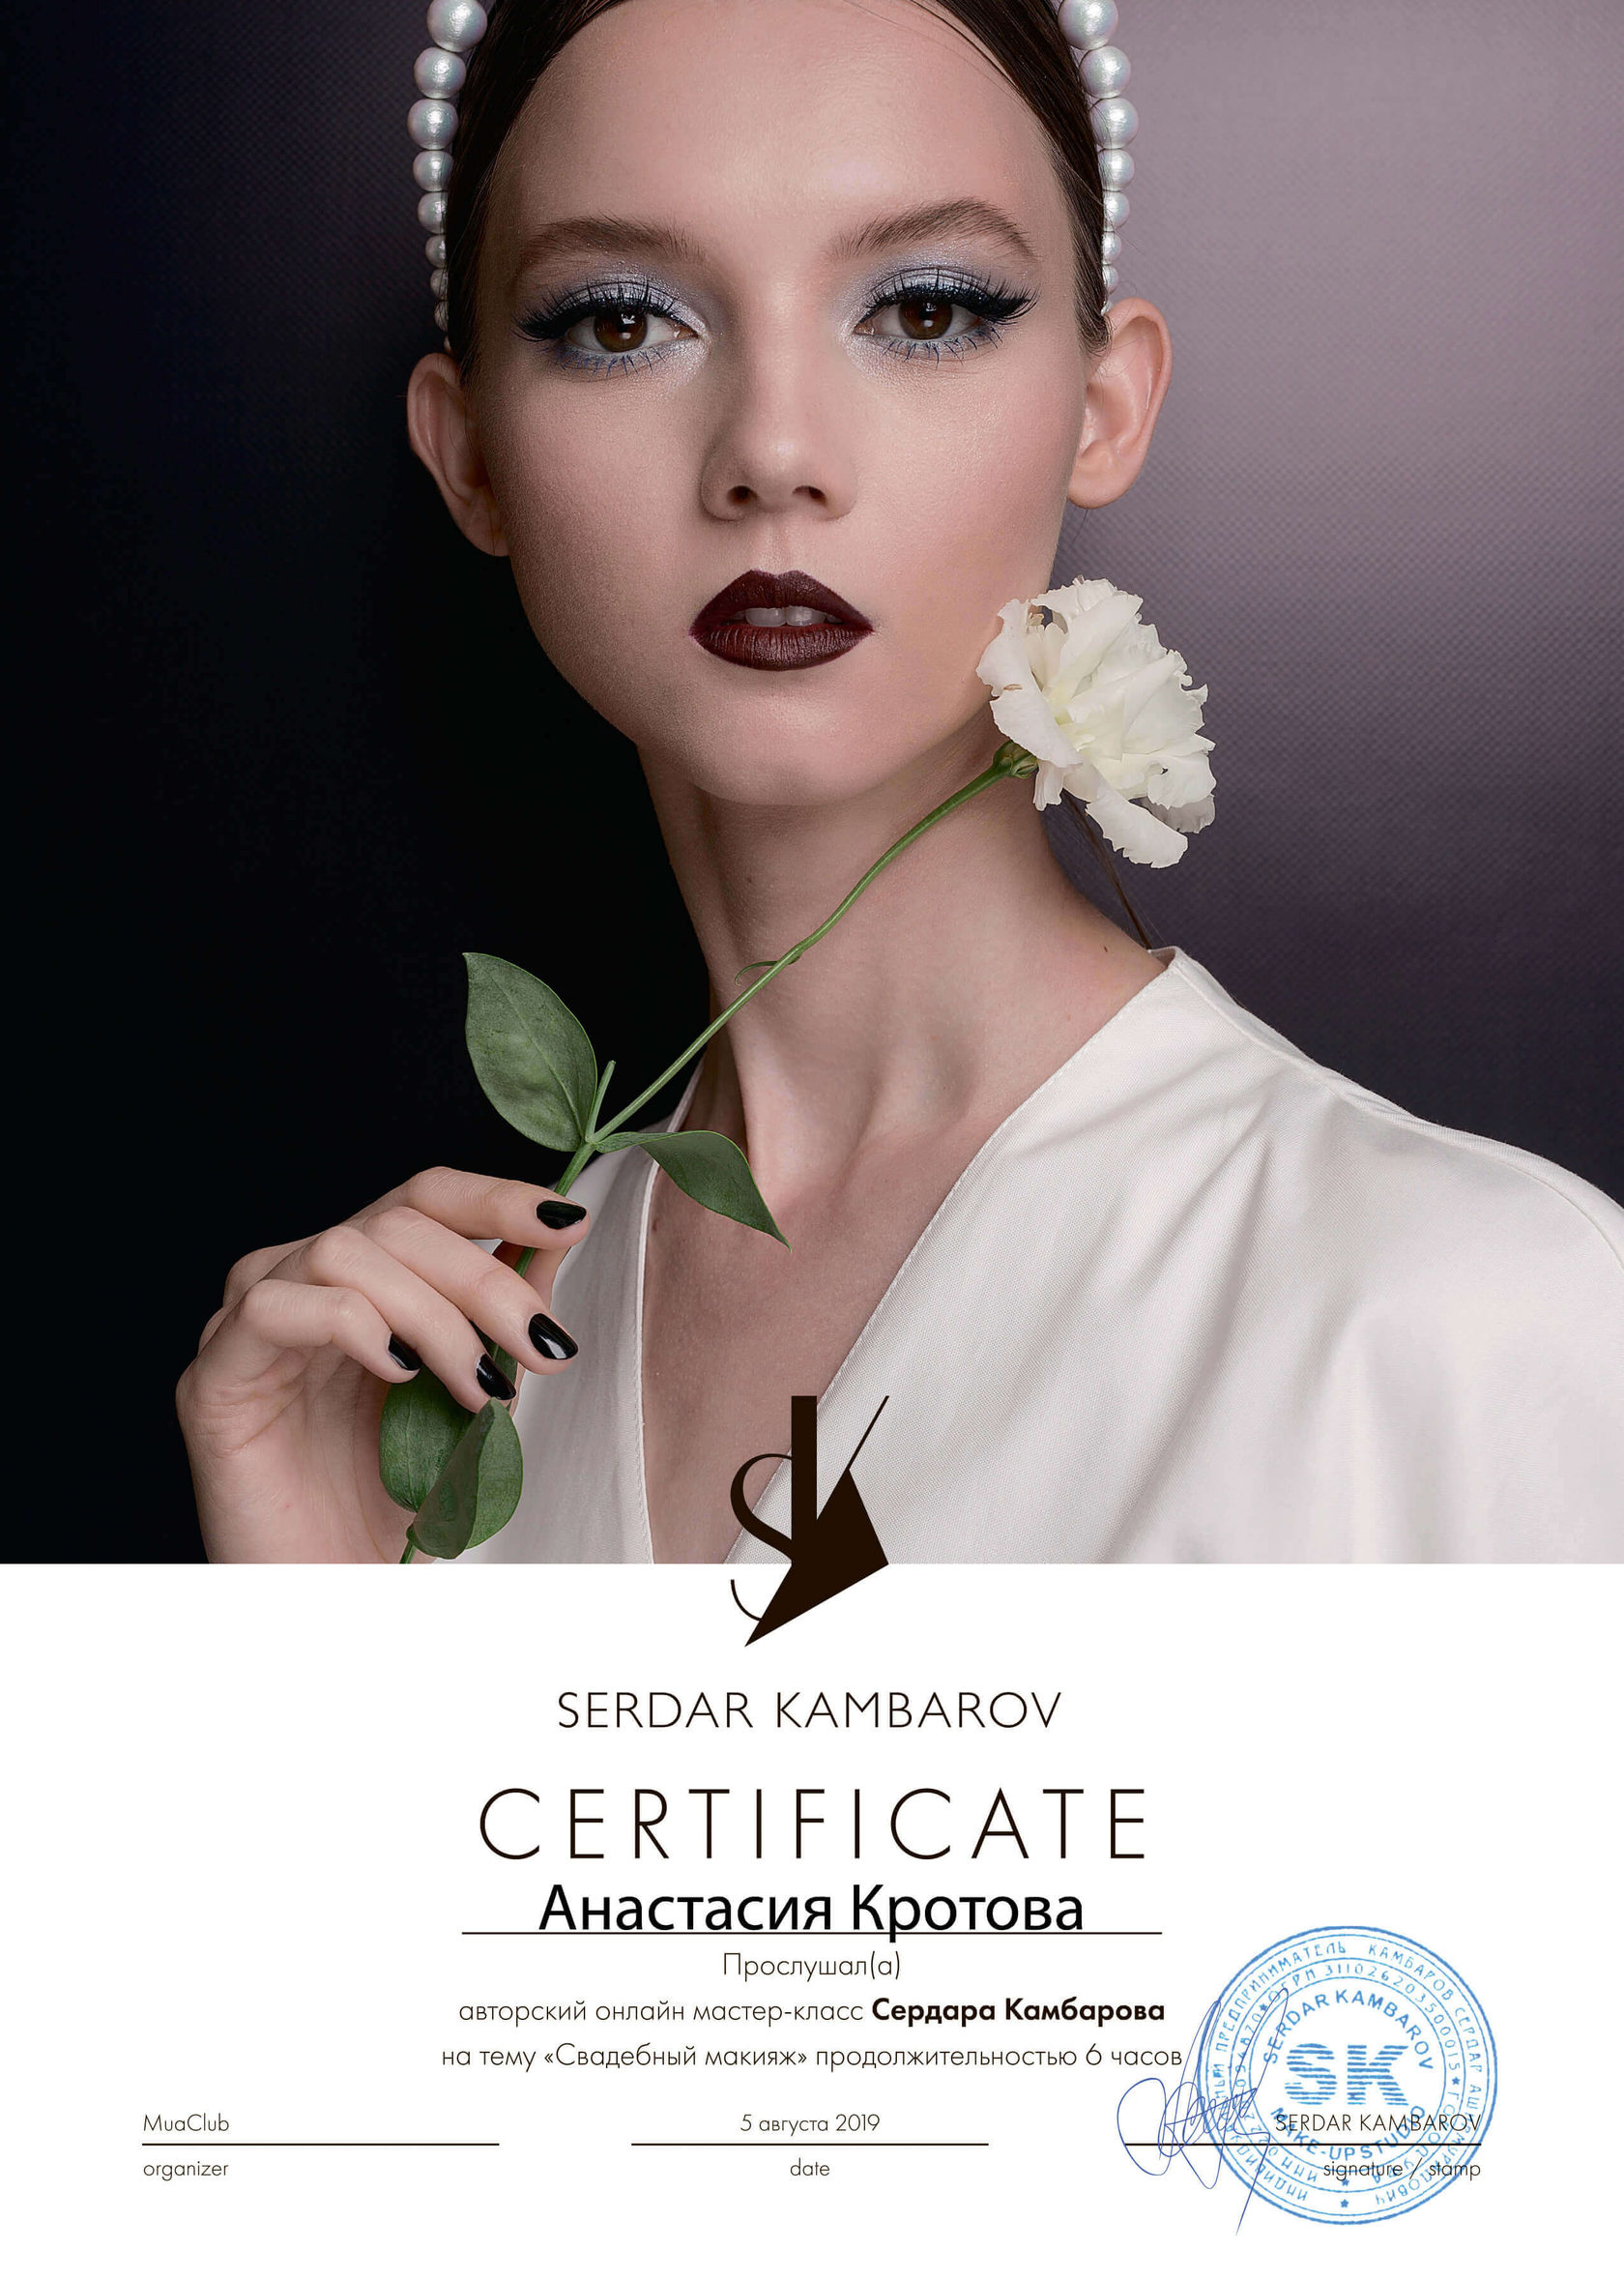 Сертификат свадебного стилиста Анастасии Кротовой в Москве